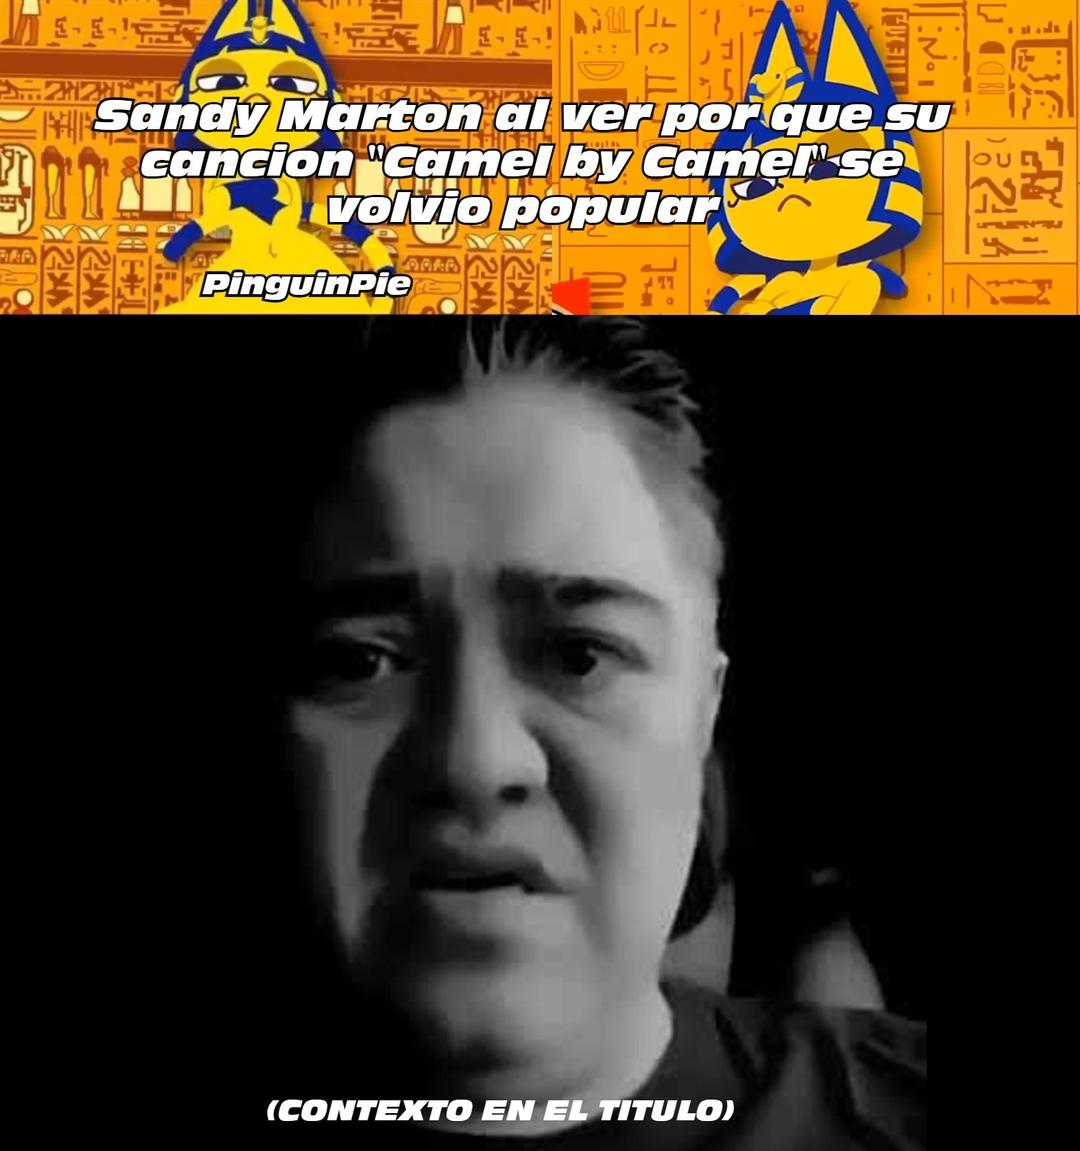 CONTEXTO: Esa cancion se utilizo para un video porno de Ankha (una personaje de Animal crossing) culeando con el alcalde - meme